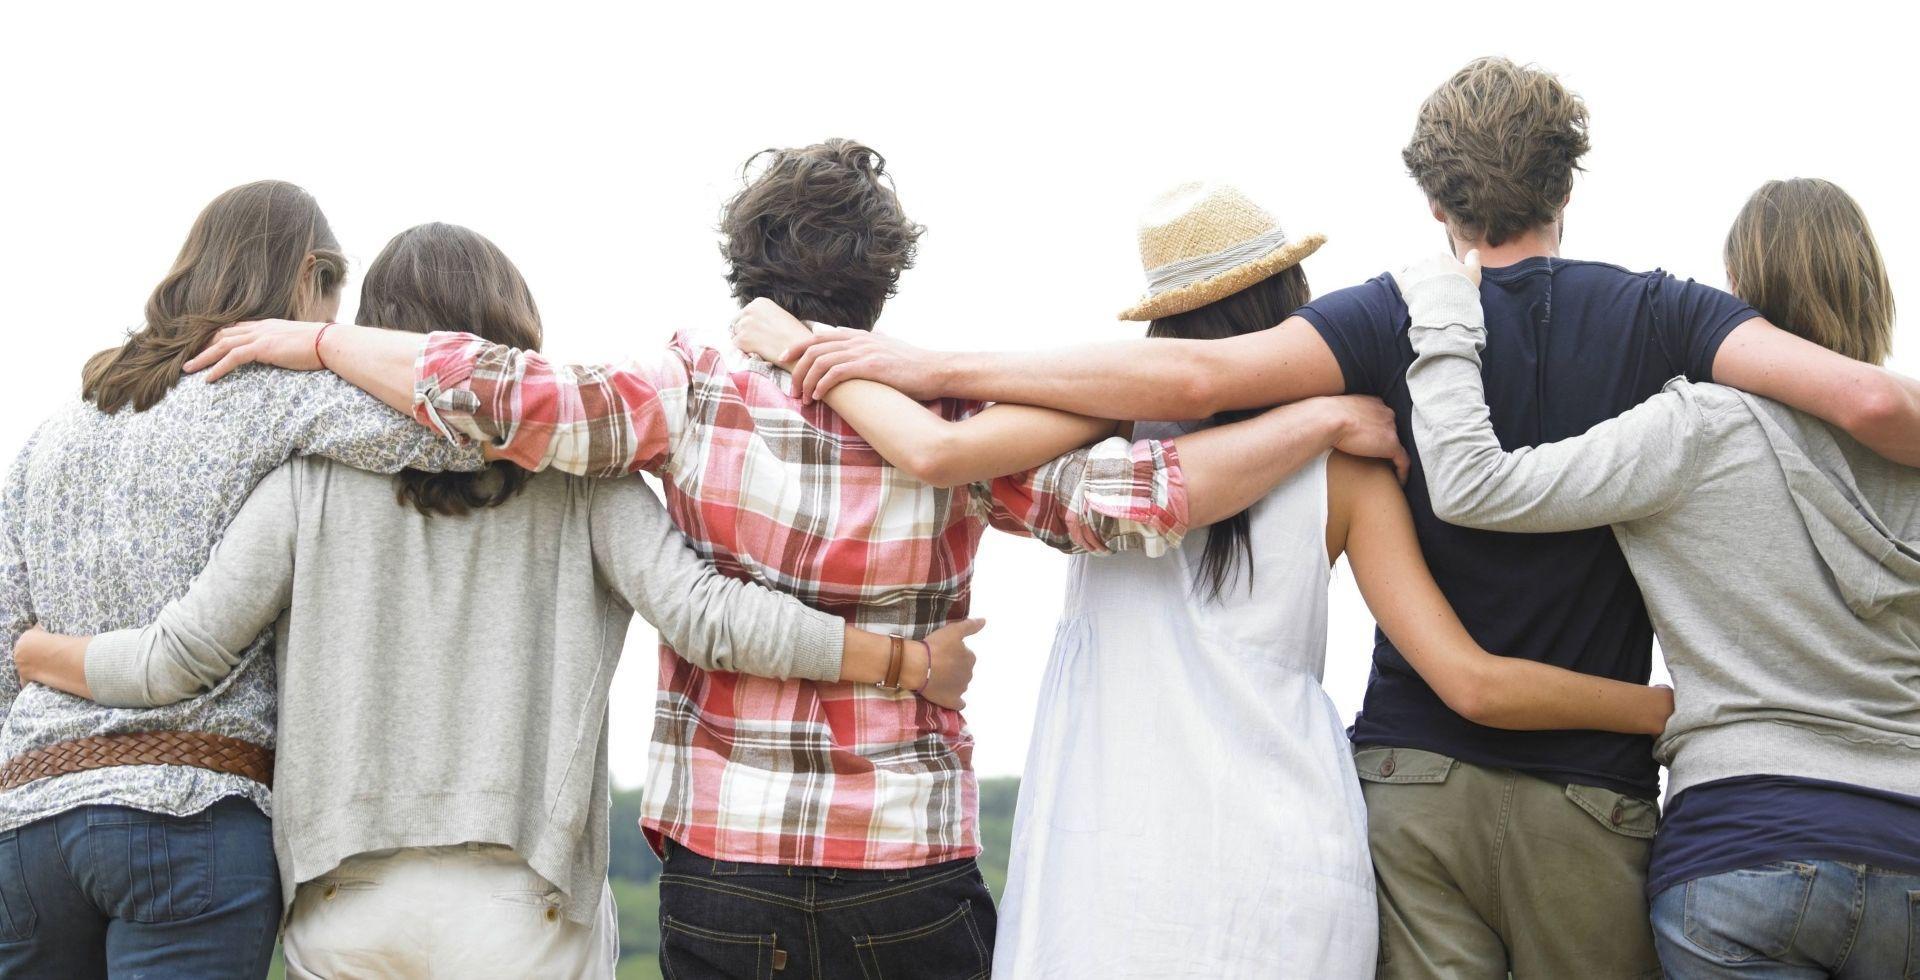 Общительность в молодости назвали залогом счастья после 40